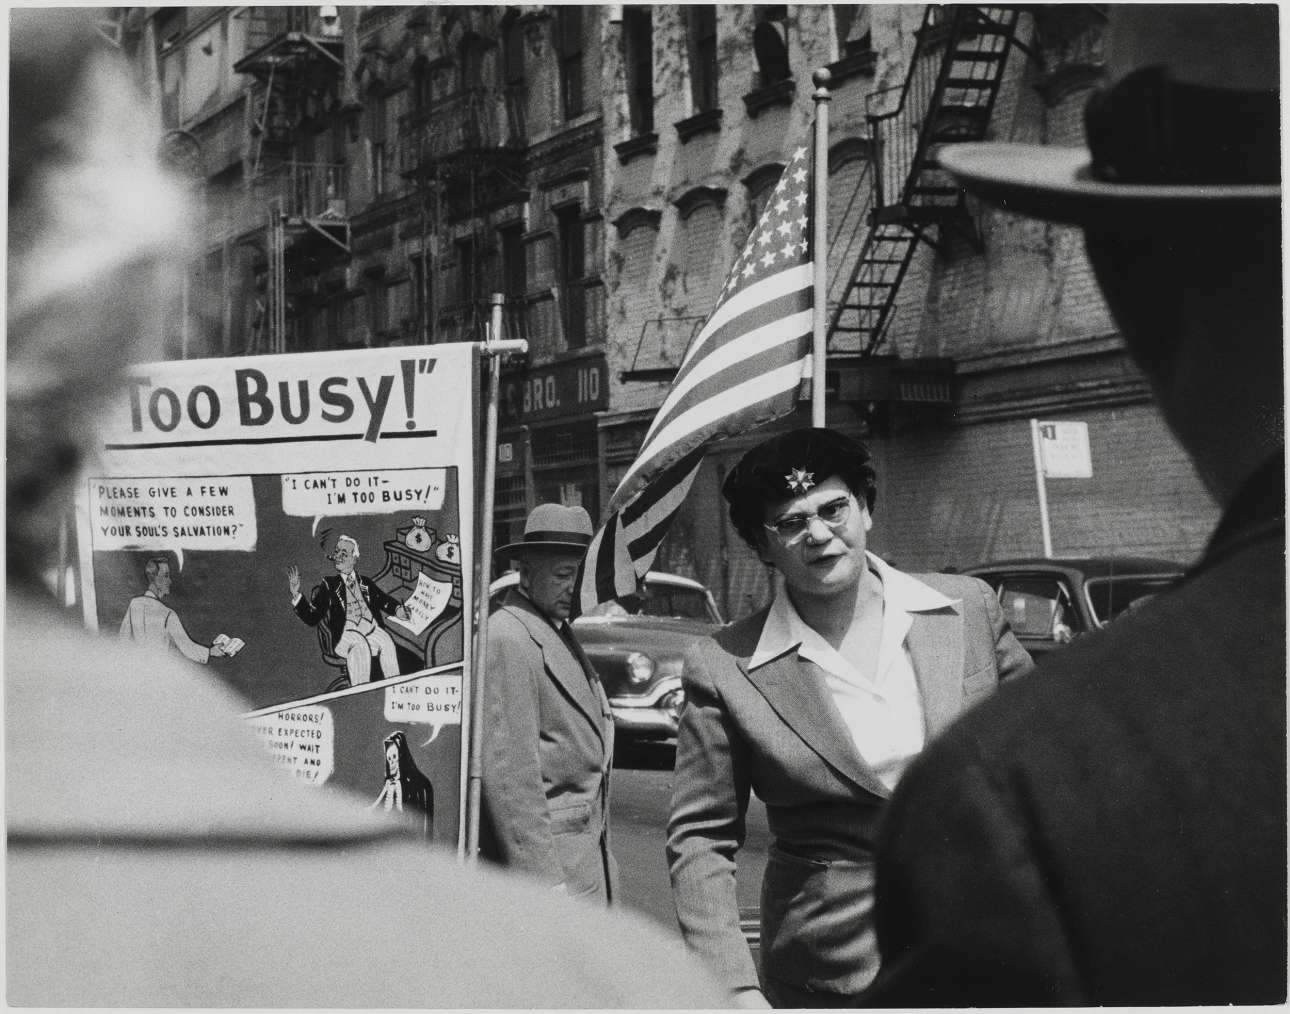 Εκδήλωση στη Νέα Υόρκη, 1955